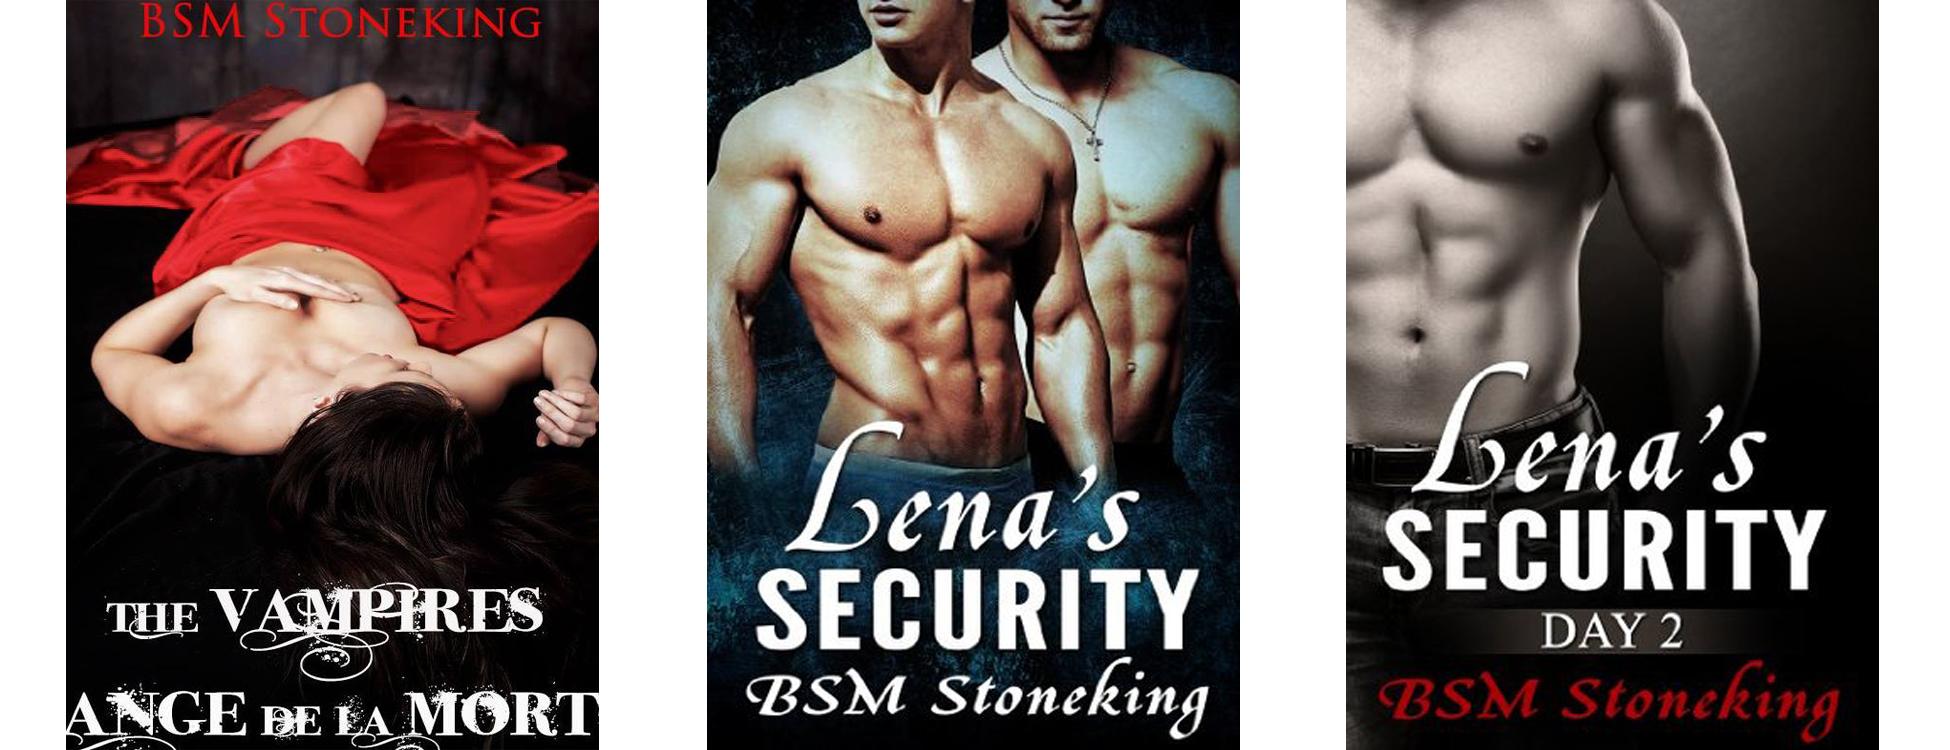 BSM Stoneking Book Banner